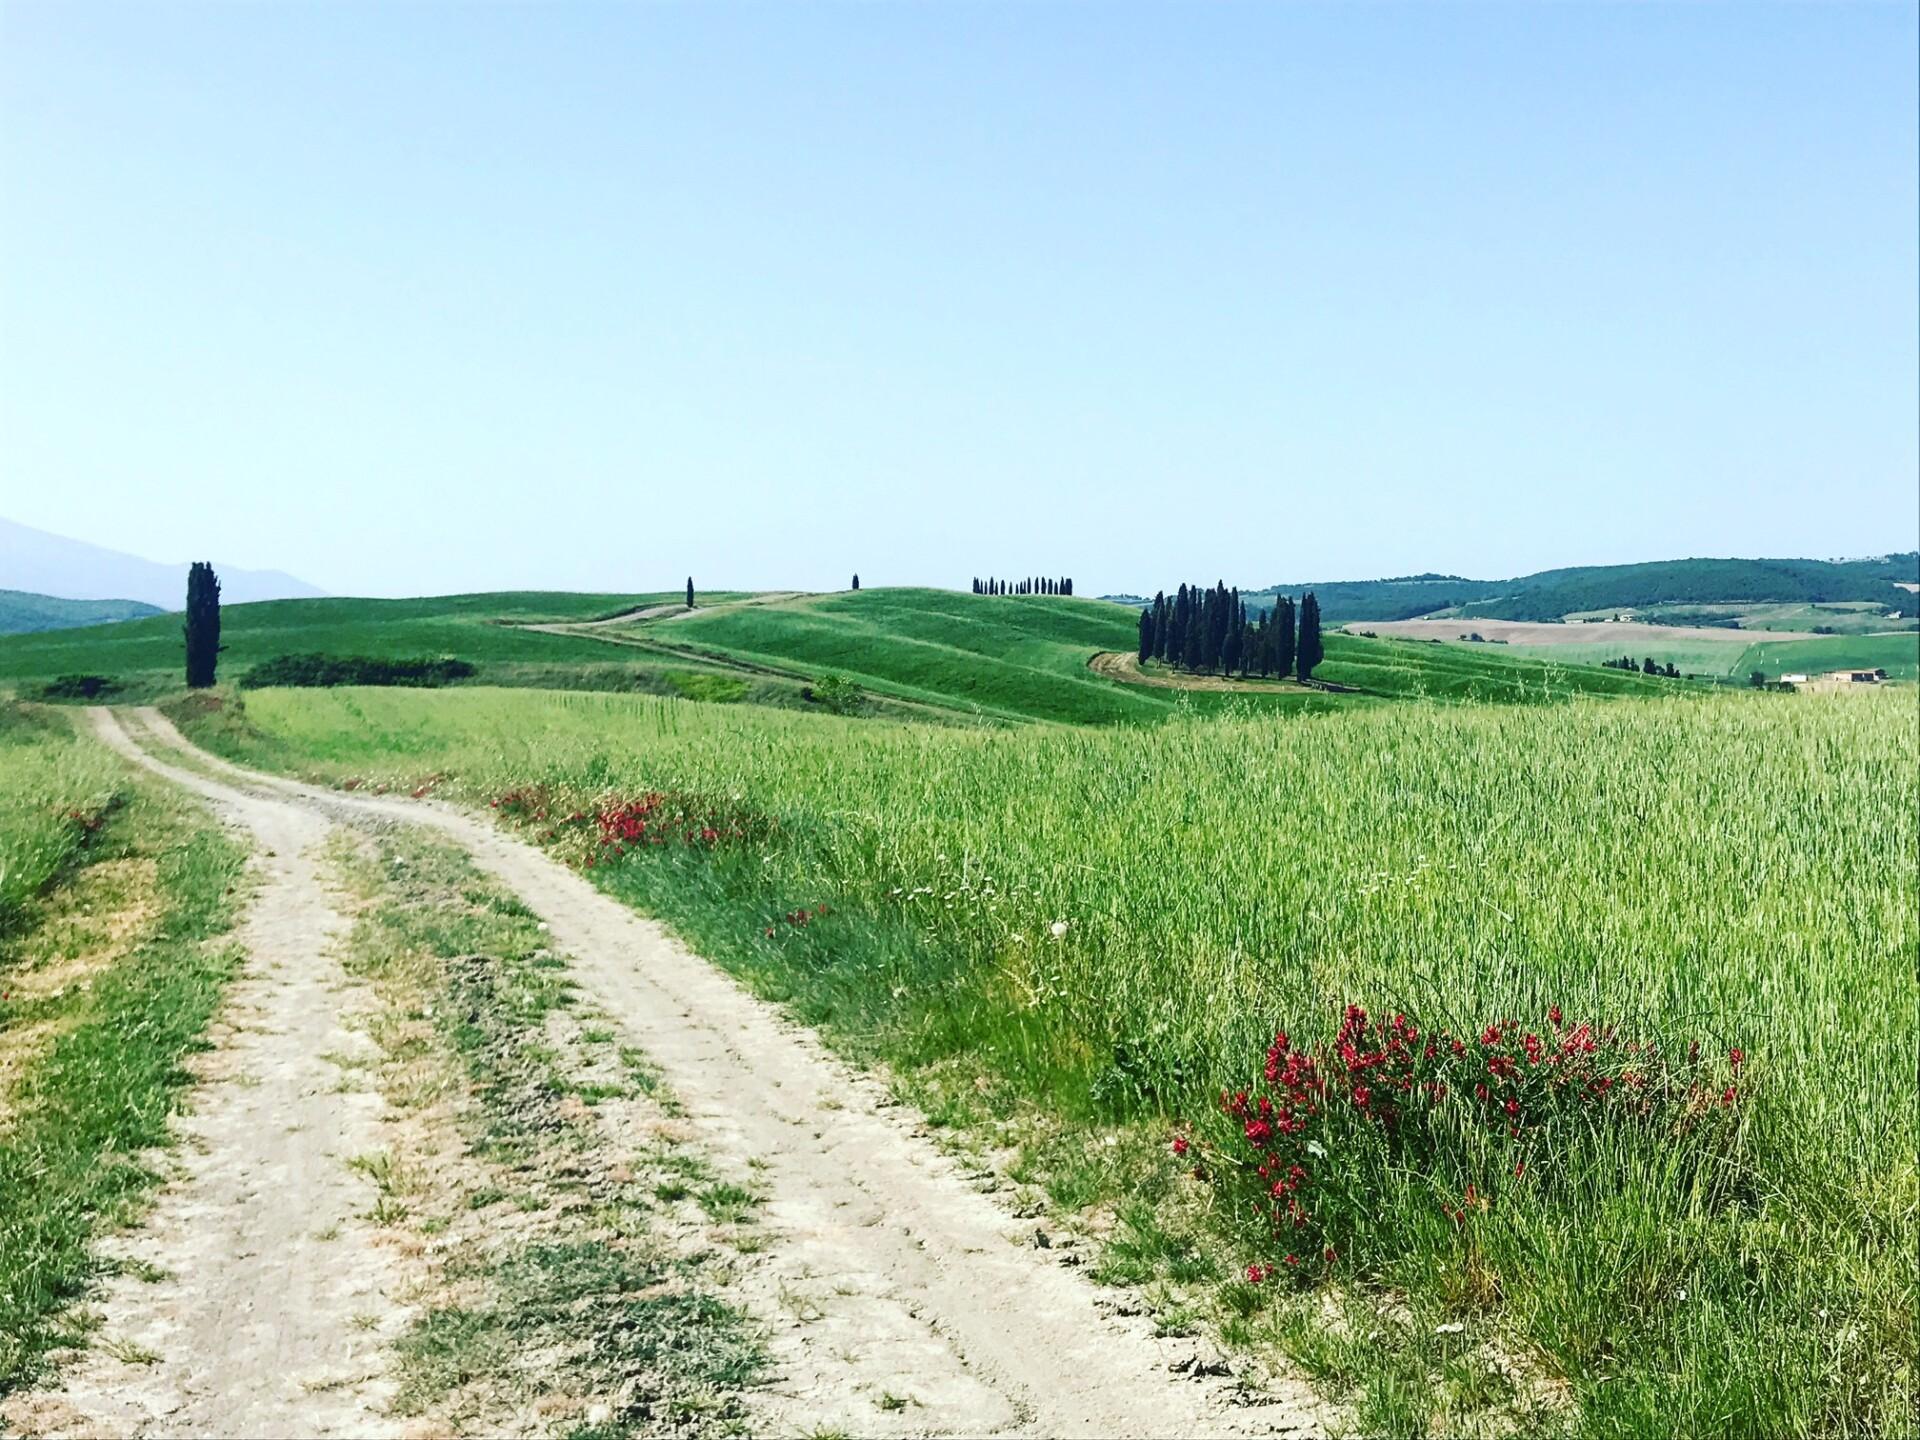 Toscana, Prof. Pazzagli: Le aree interne non sono fatte per il turismo di massa. Serve equilibrio